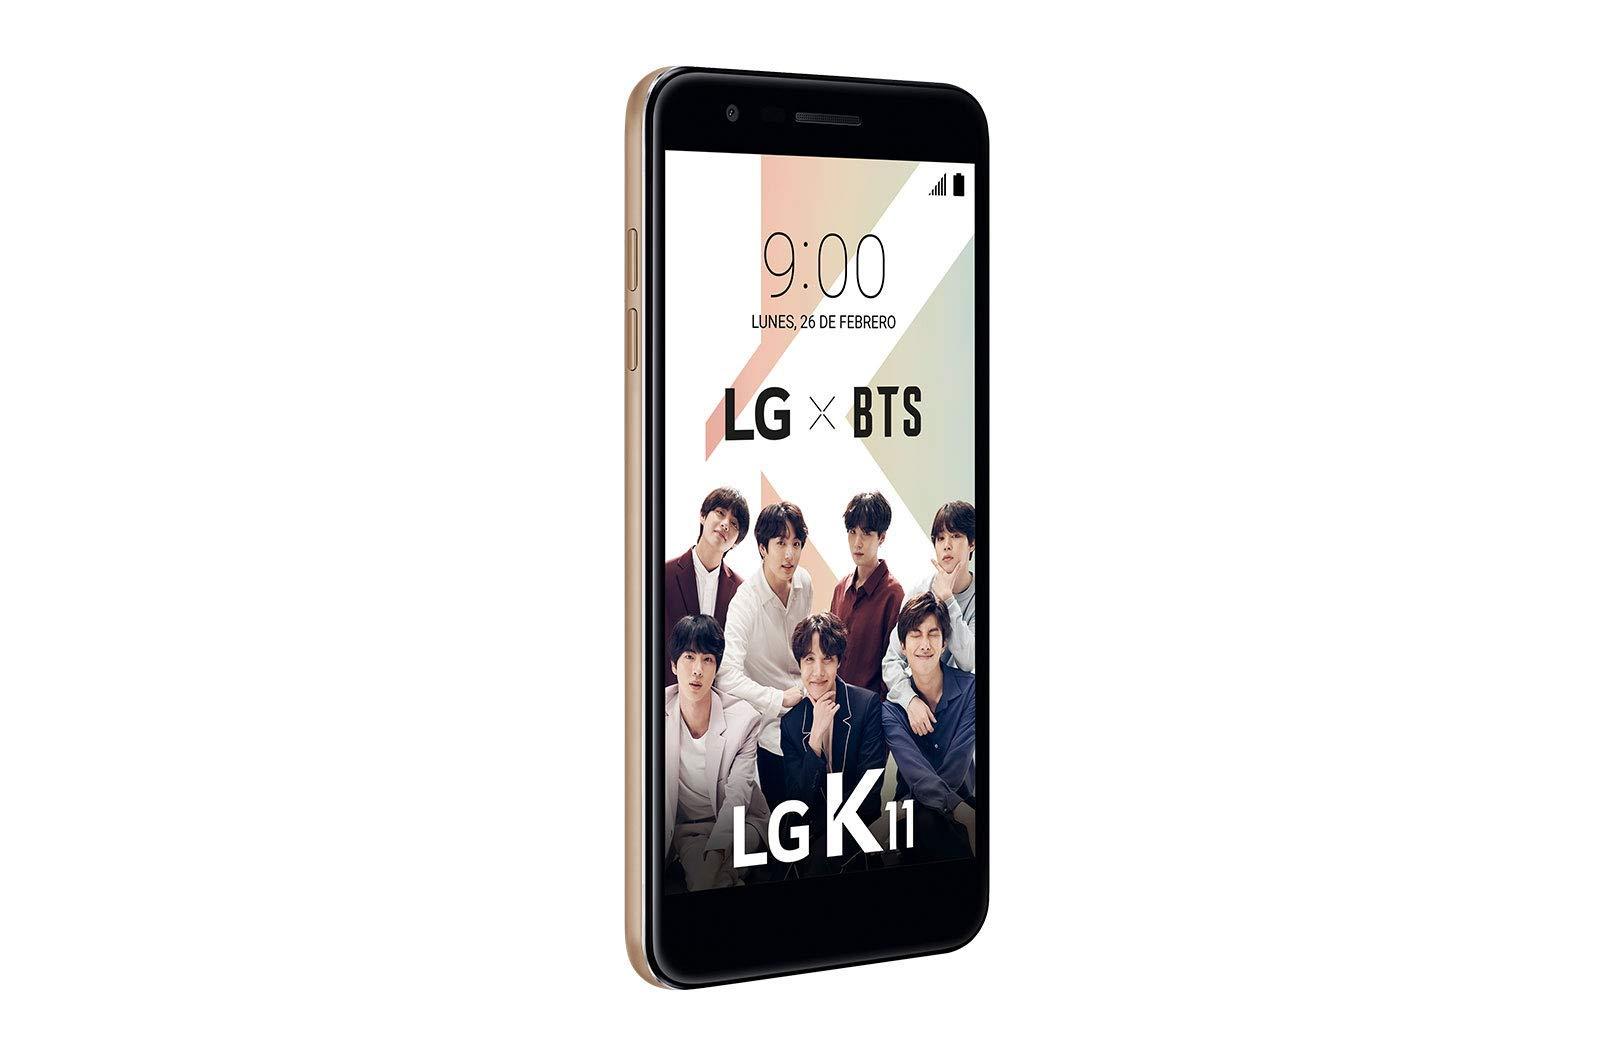 51276dafa40 Comprar LG K11 de 5.3